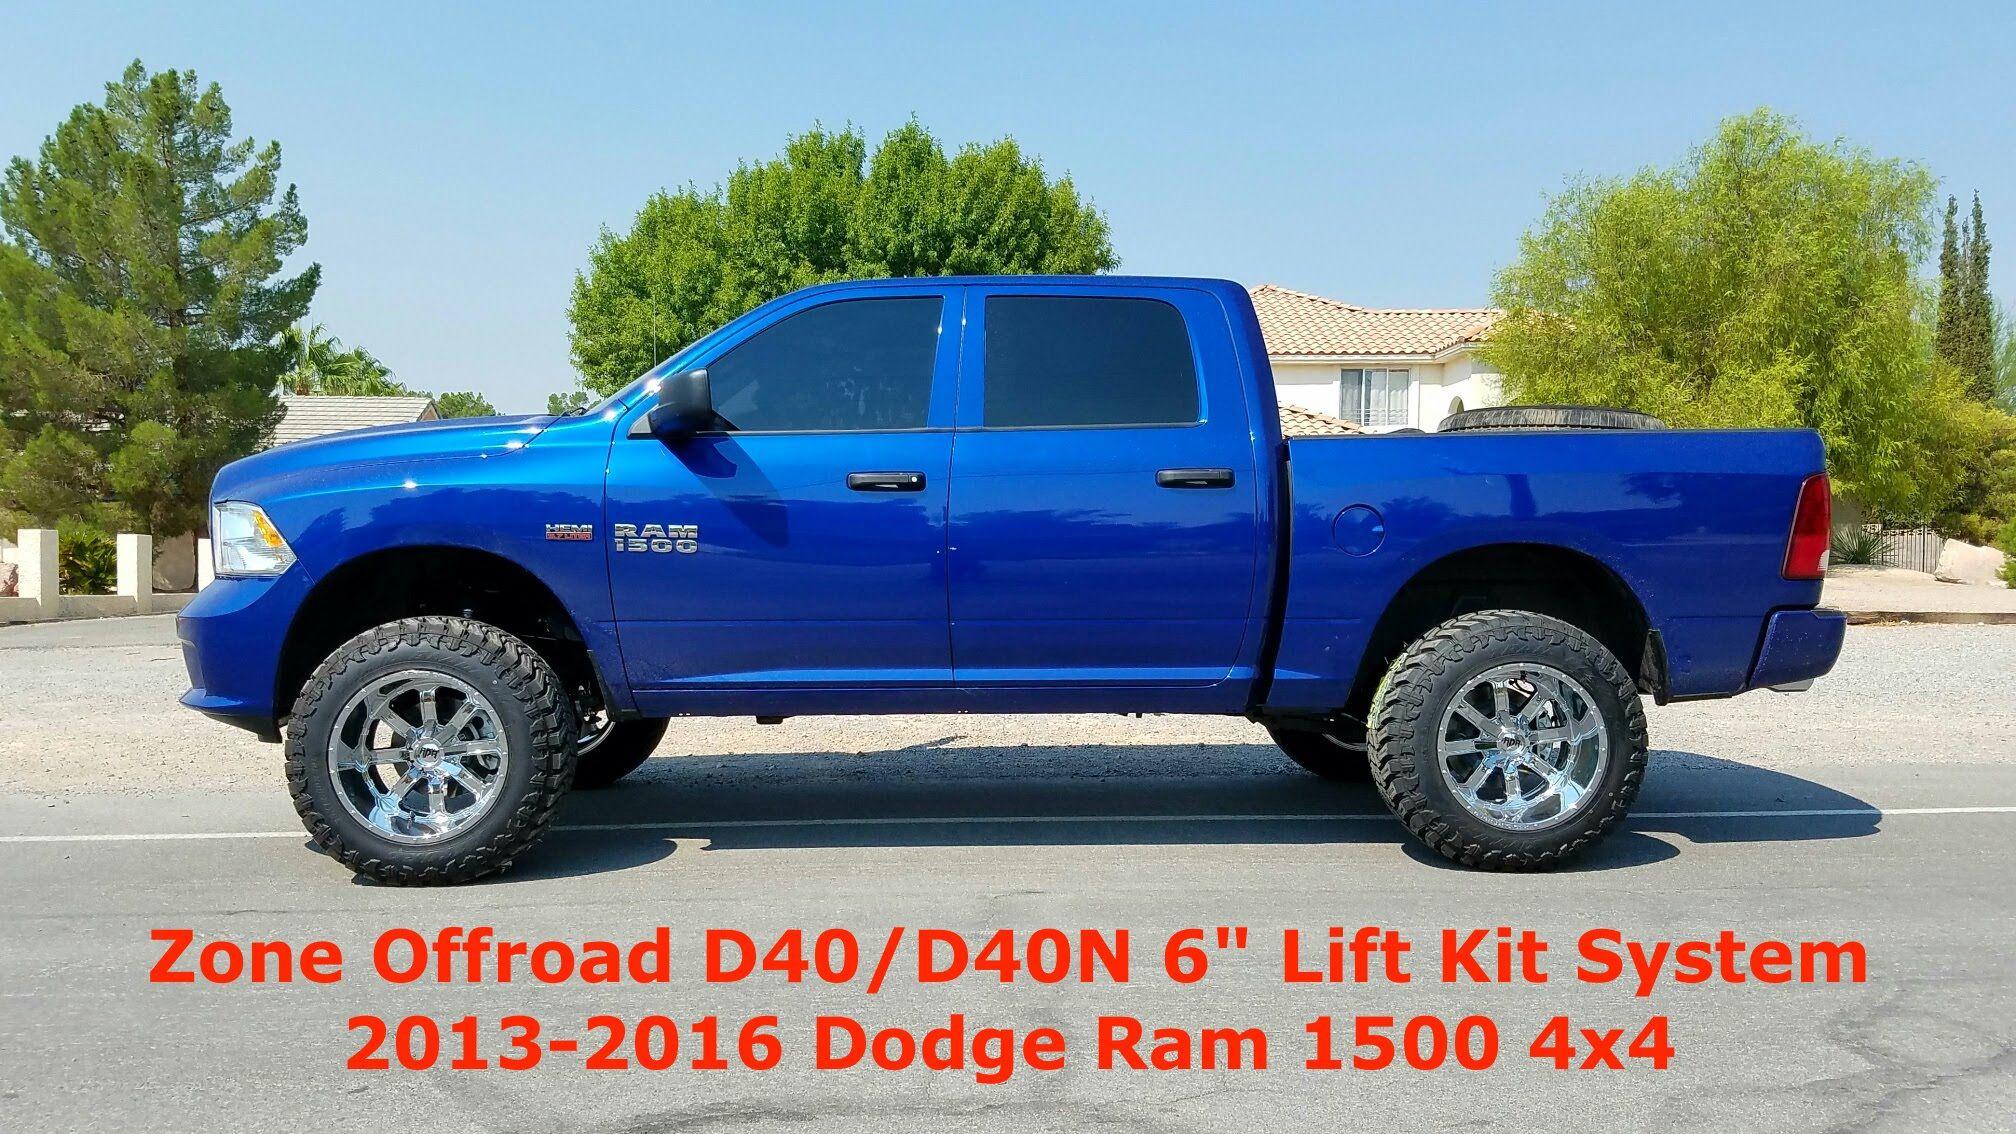 38 Dodge Ram Liftkit Installs Latest Trend News Ideas Dodge Ram Trend News Dodge